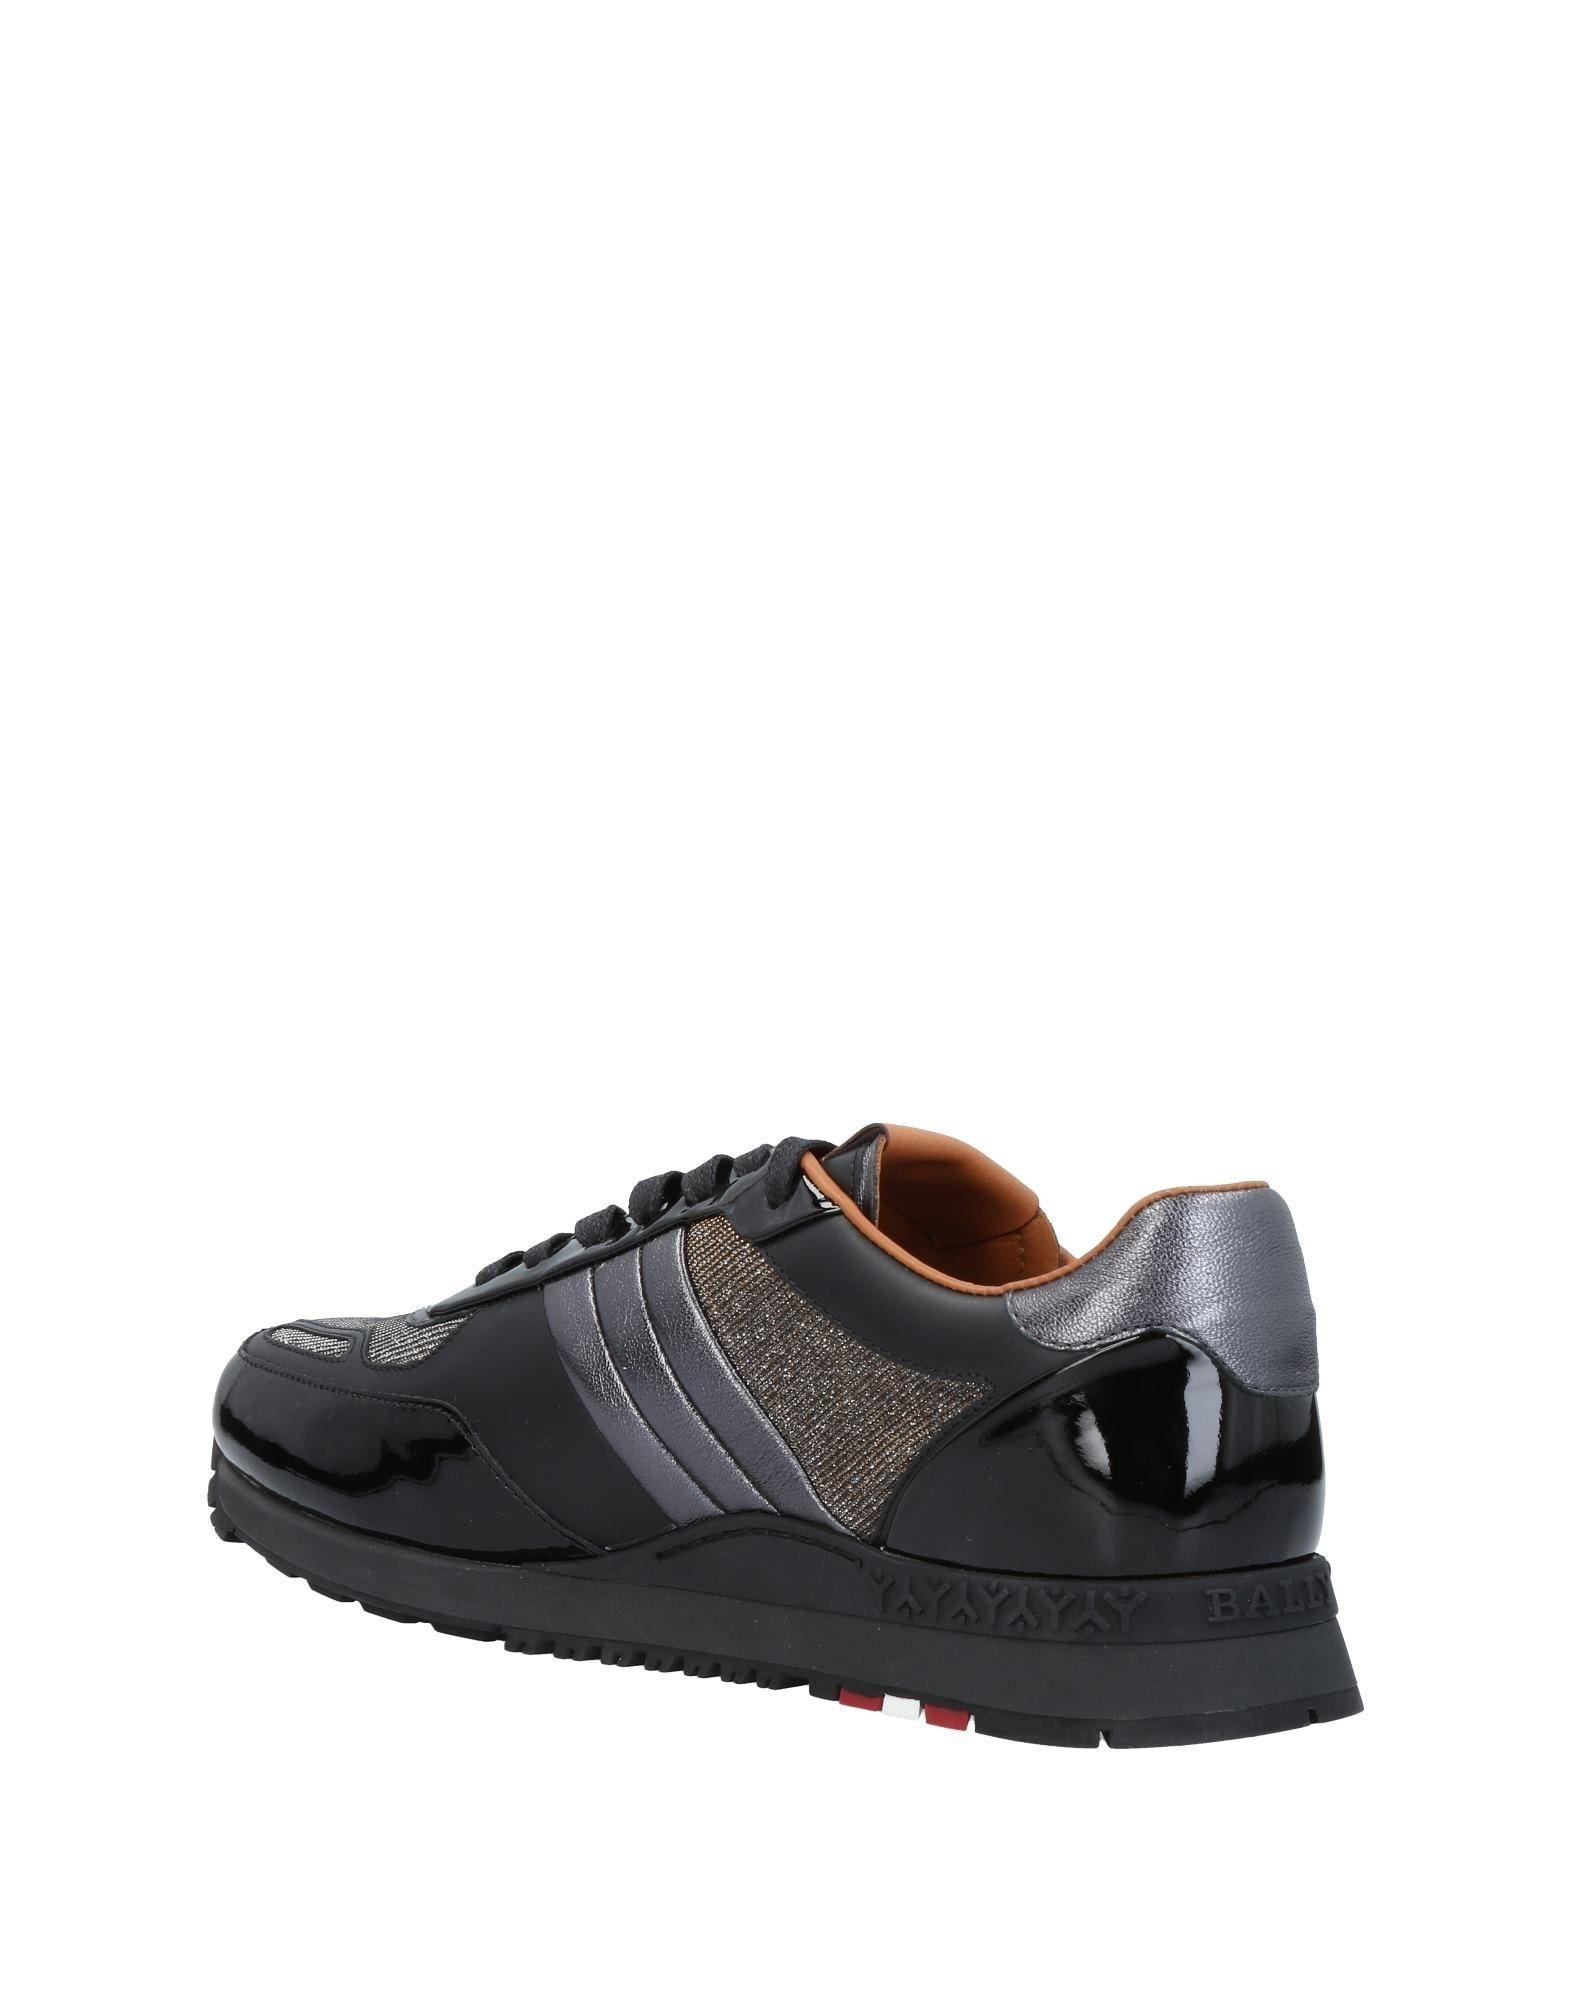 Bally Damen Sneakers Damen Bally  11461428CA Heiße Schuhe f37b2f